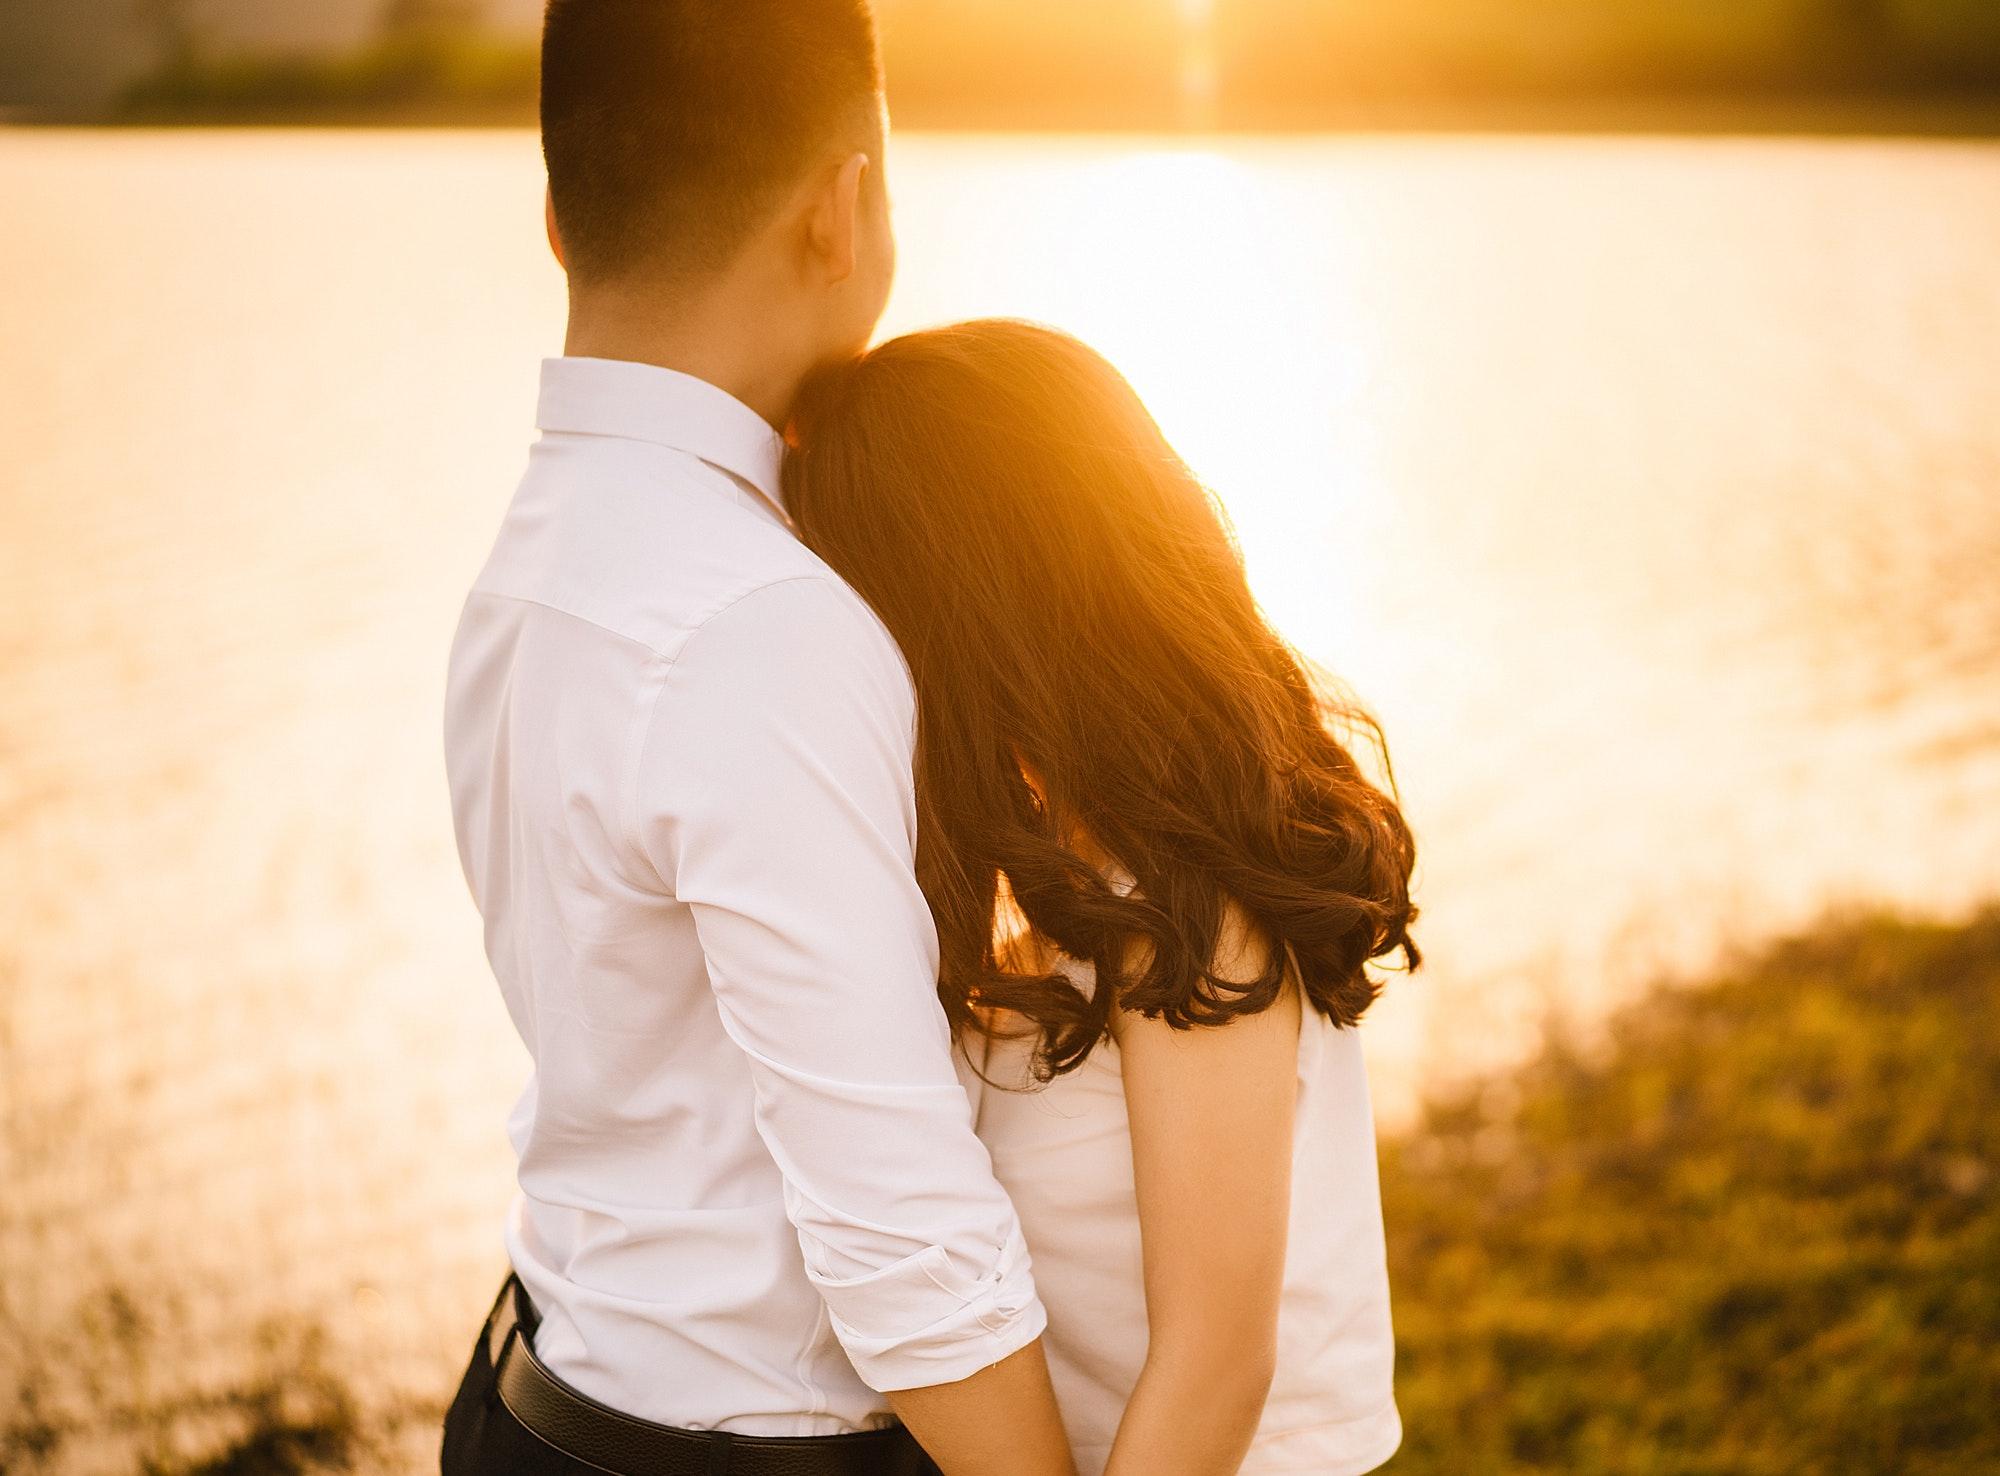 affection-blur-close-up-427547.jpg